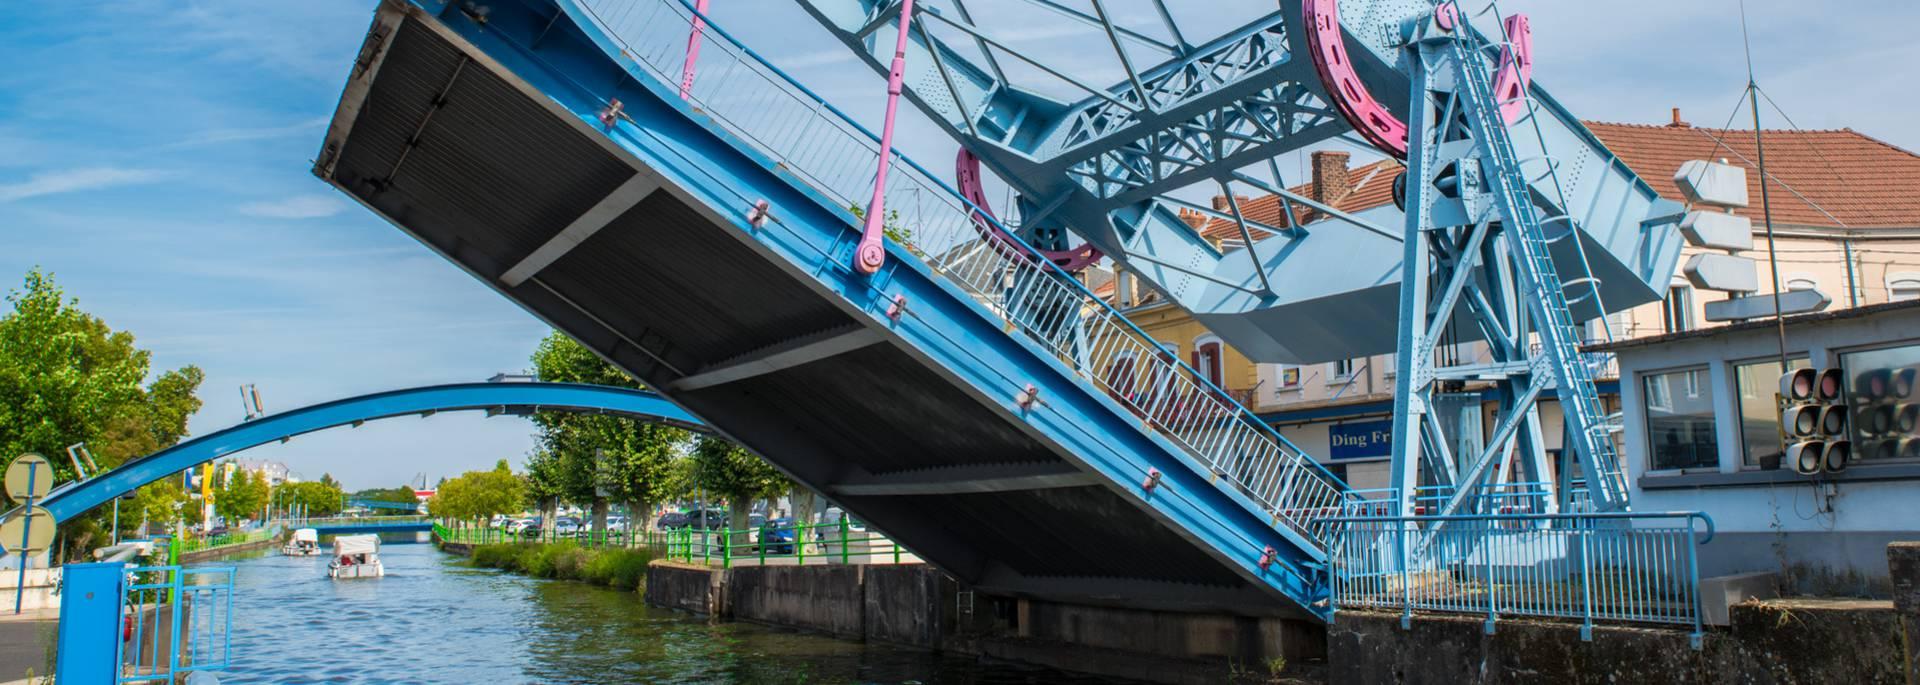 Le pont levant en mouvement, Montceau-les-Mines. © Franck Juillot.